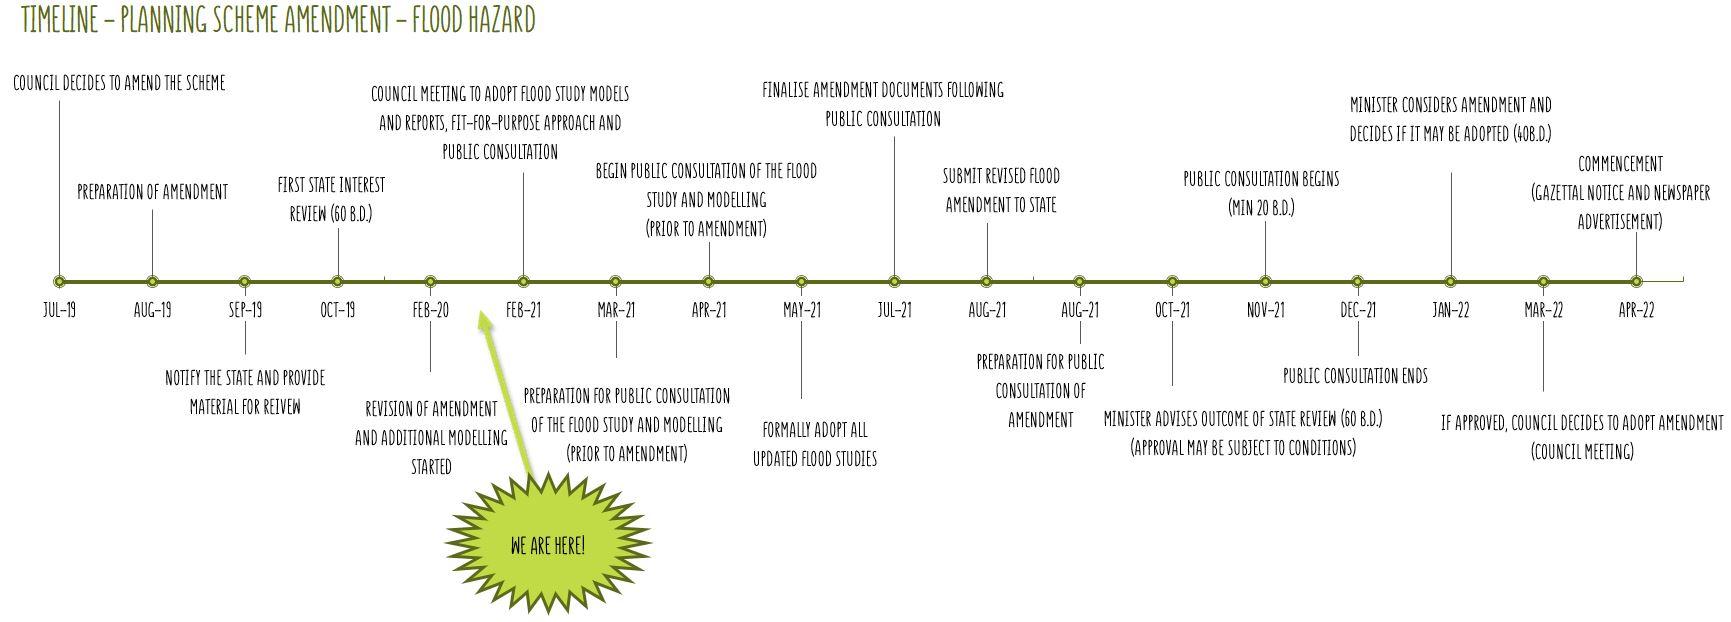 Timeline - Planning Scheme Amendment - Flood Hazard